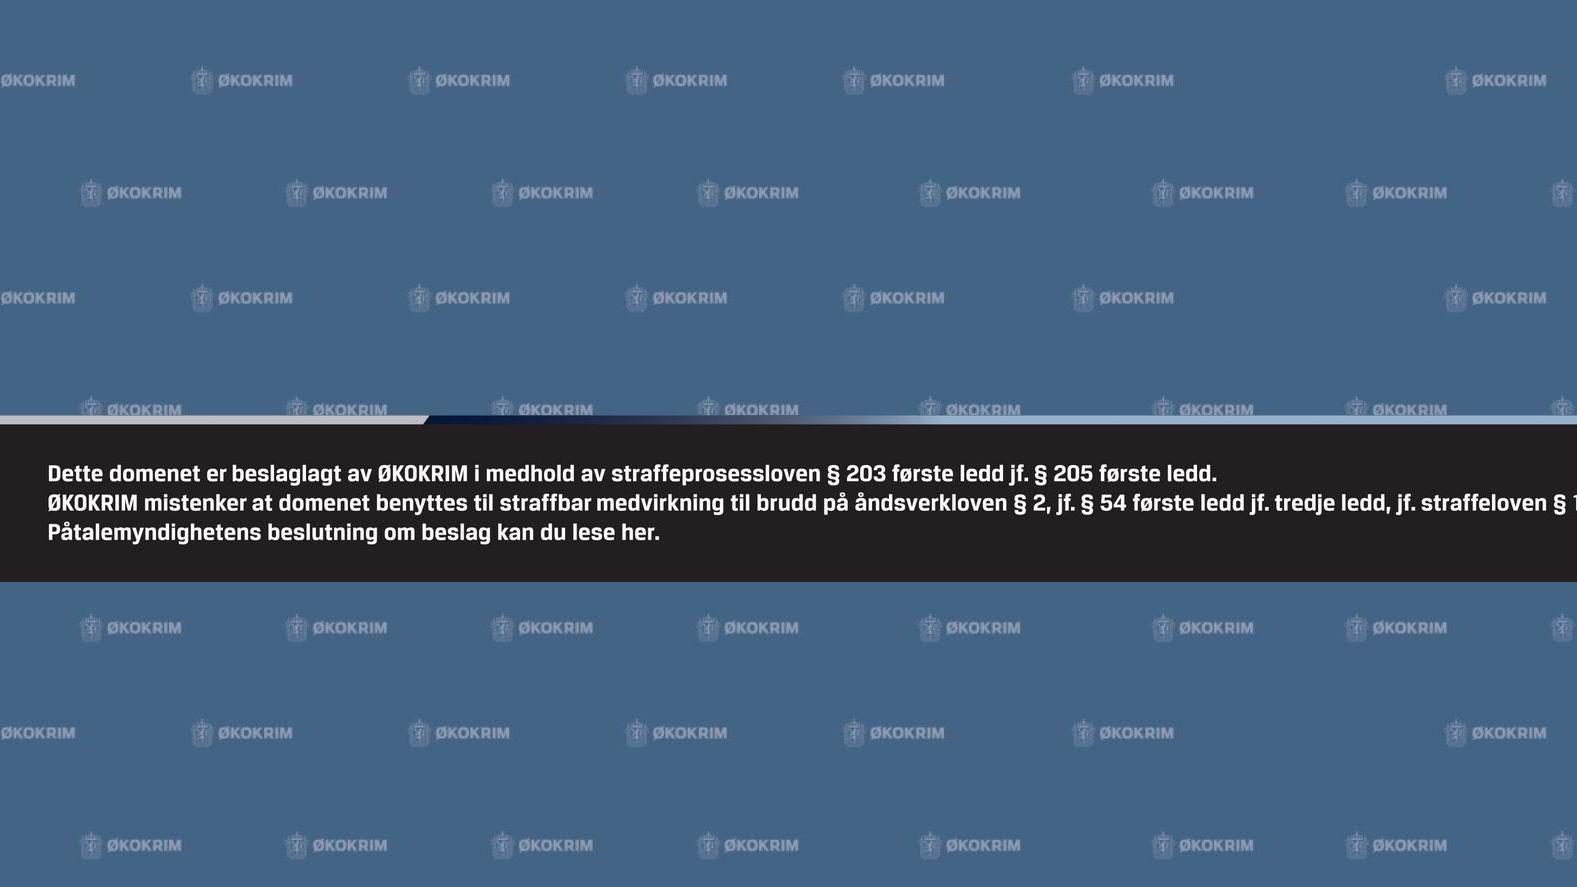 Økokrim har beslaglagt domenet popcorn-time.no. Slik ser nettsidene ut nå.